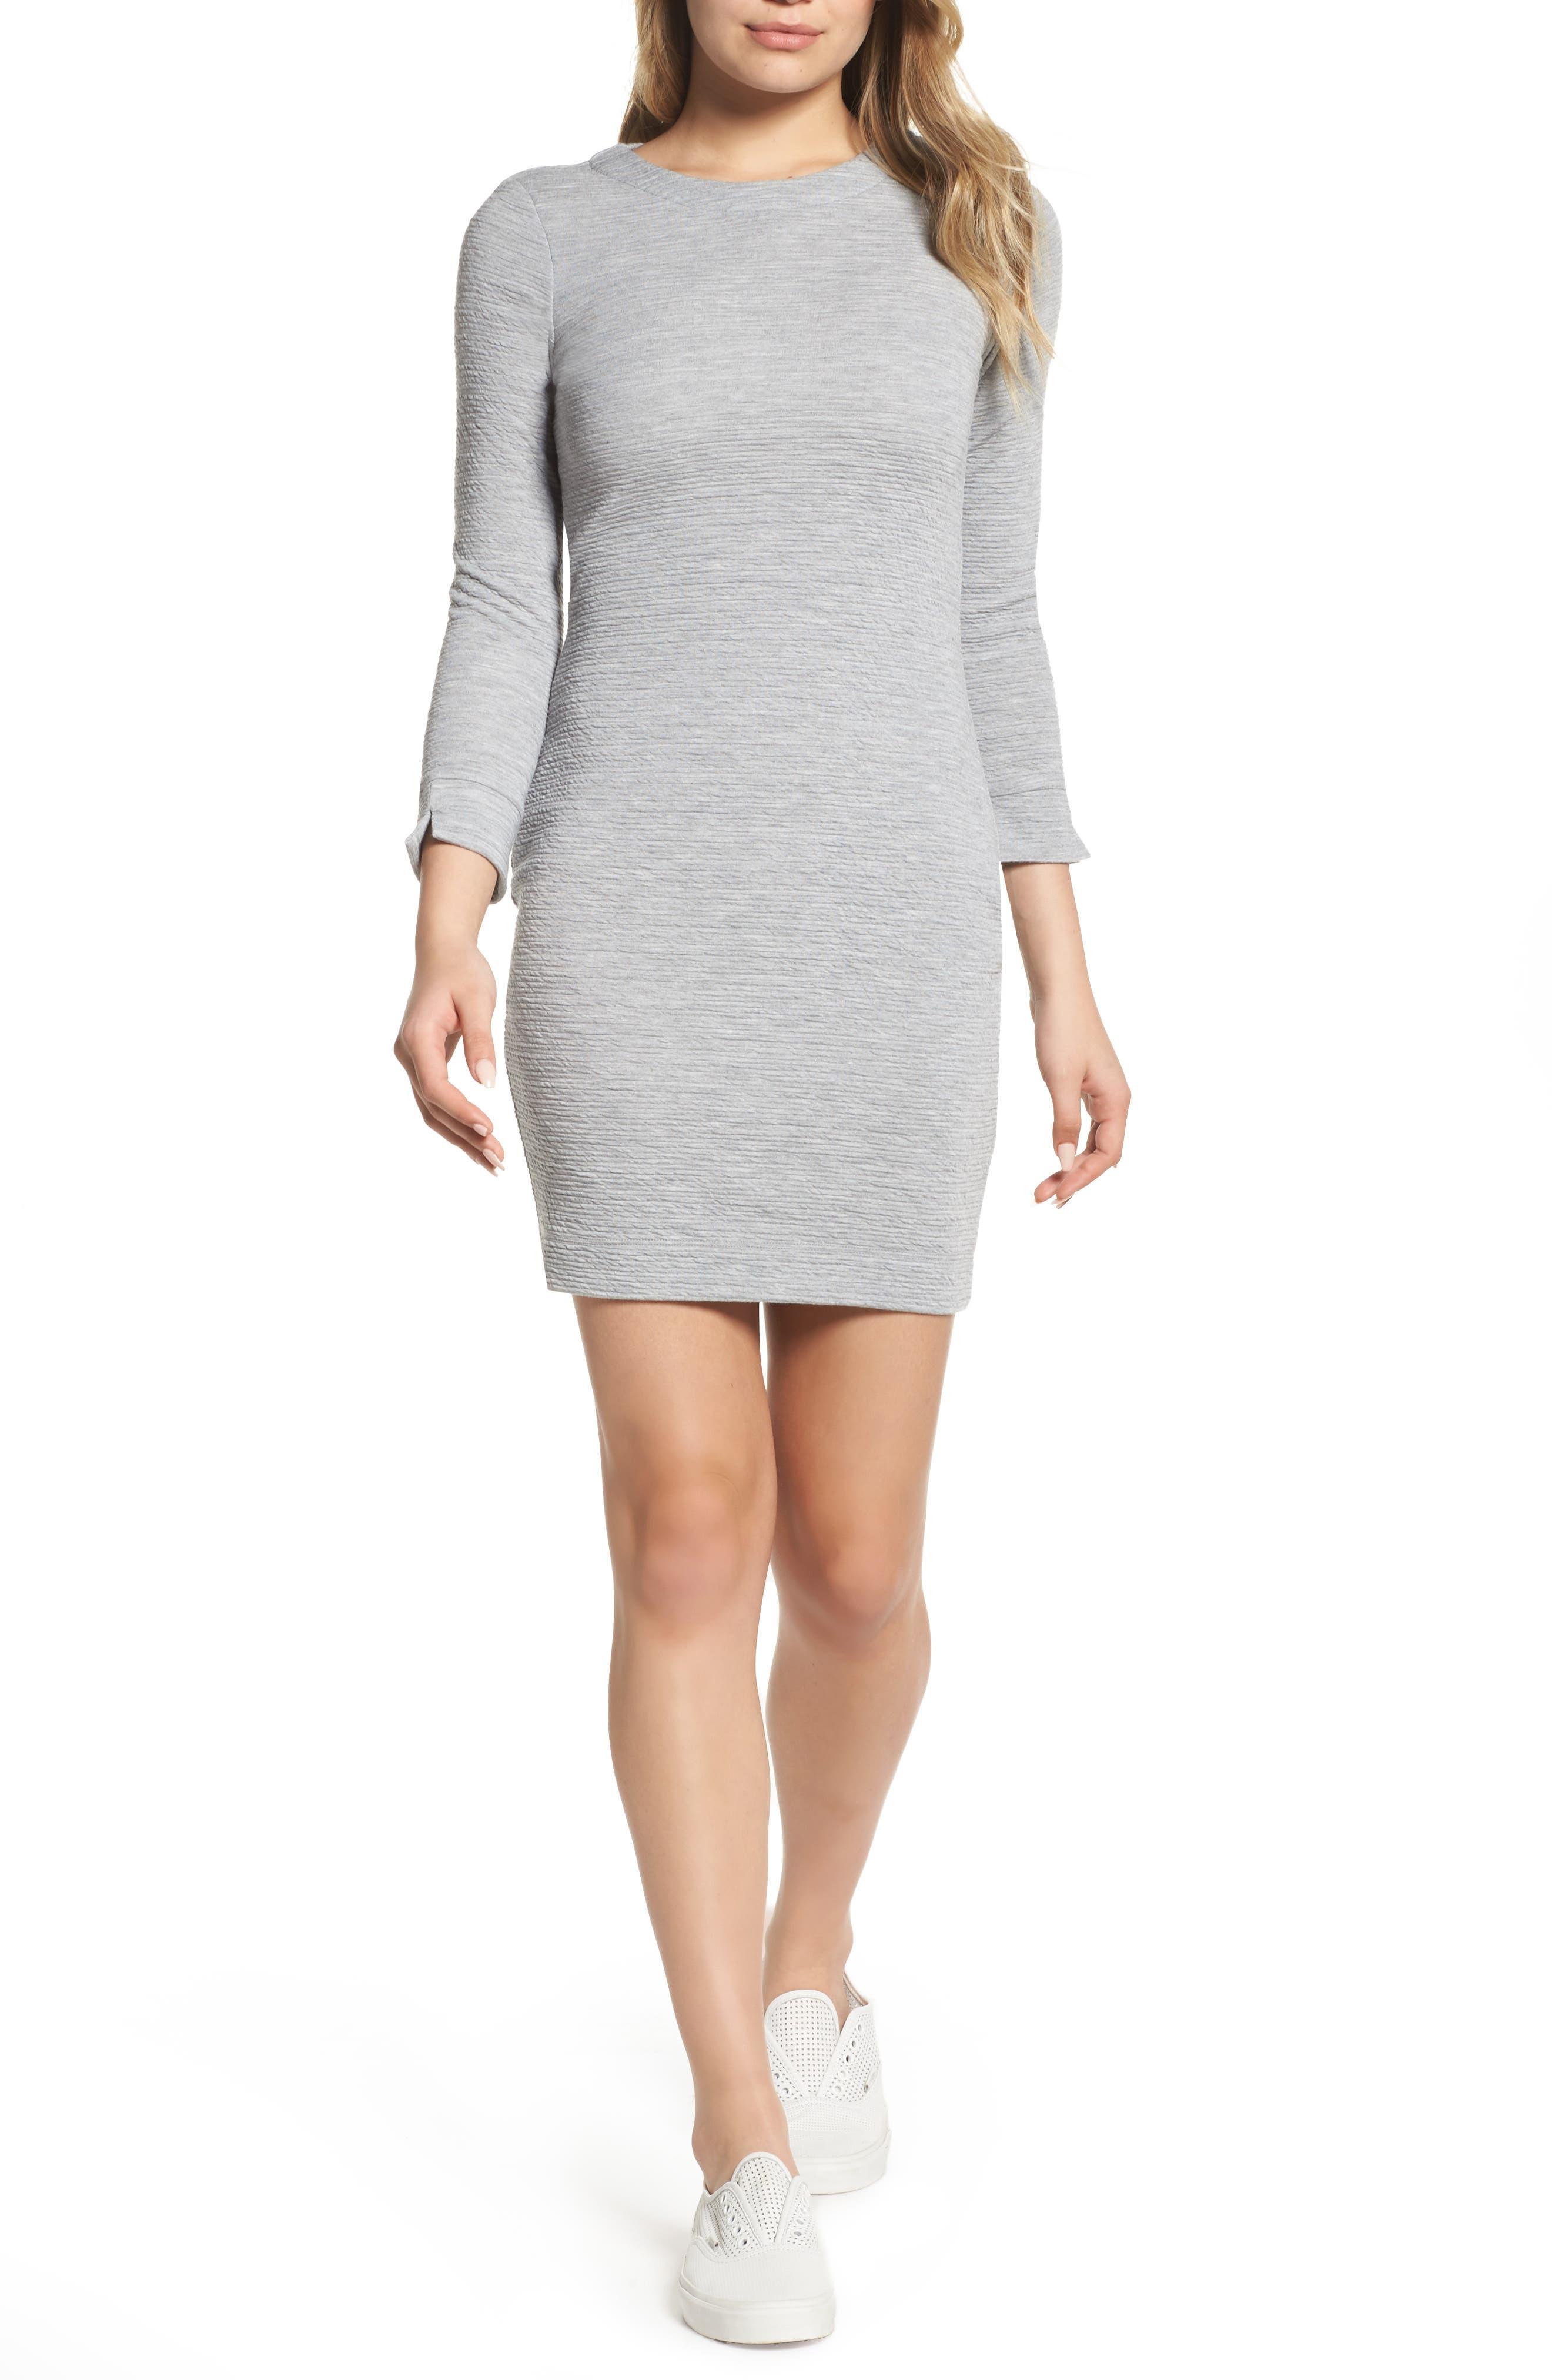 Sudan Marl Sheath Dress,                         Main,                         color, Mid Grey Mel